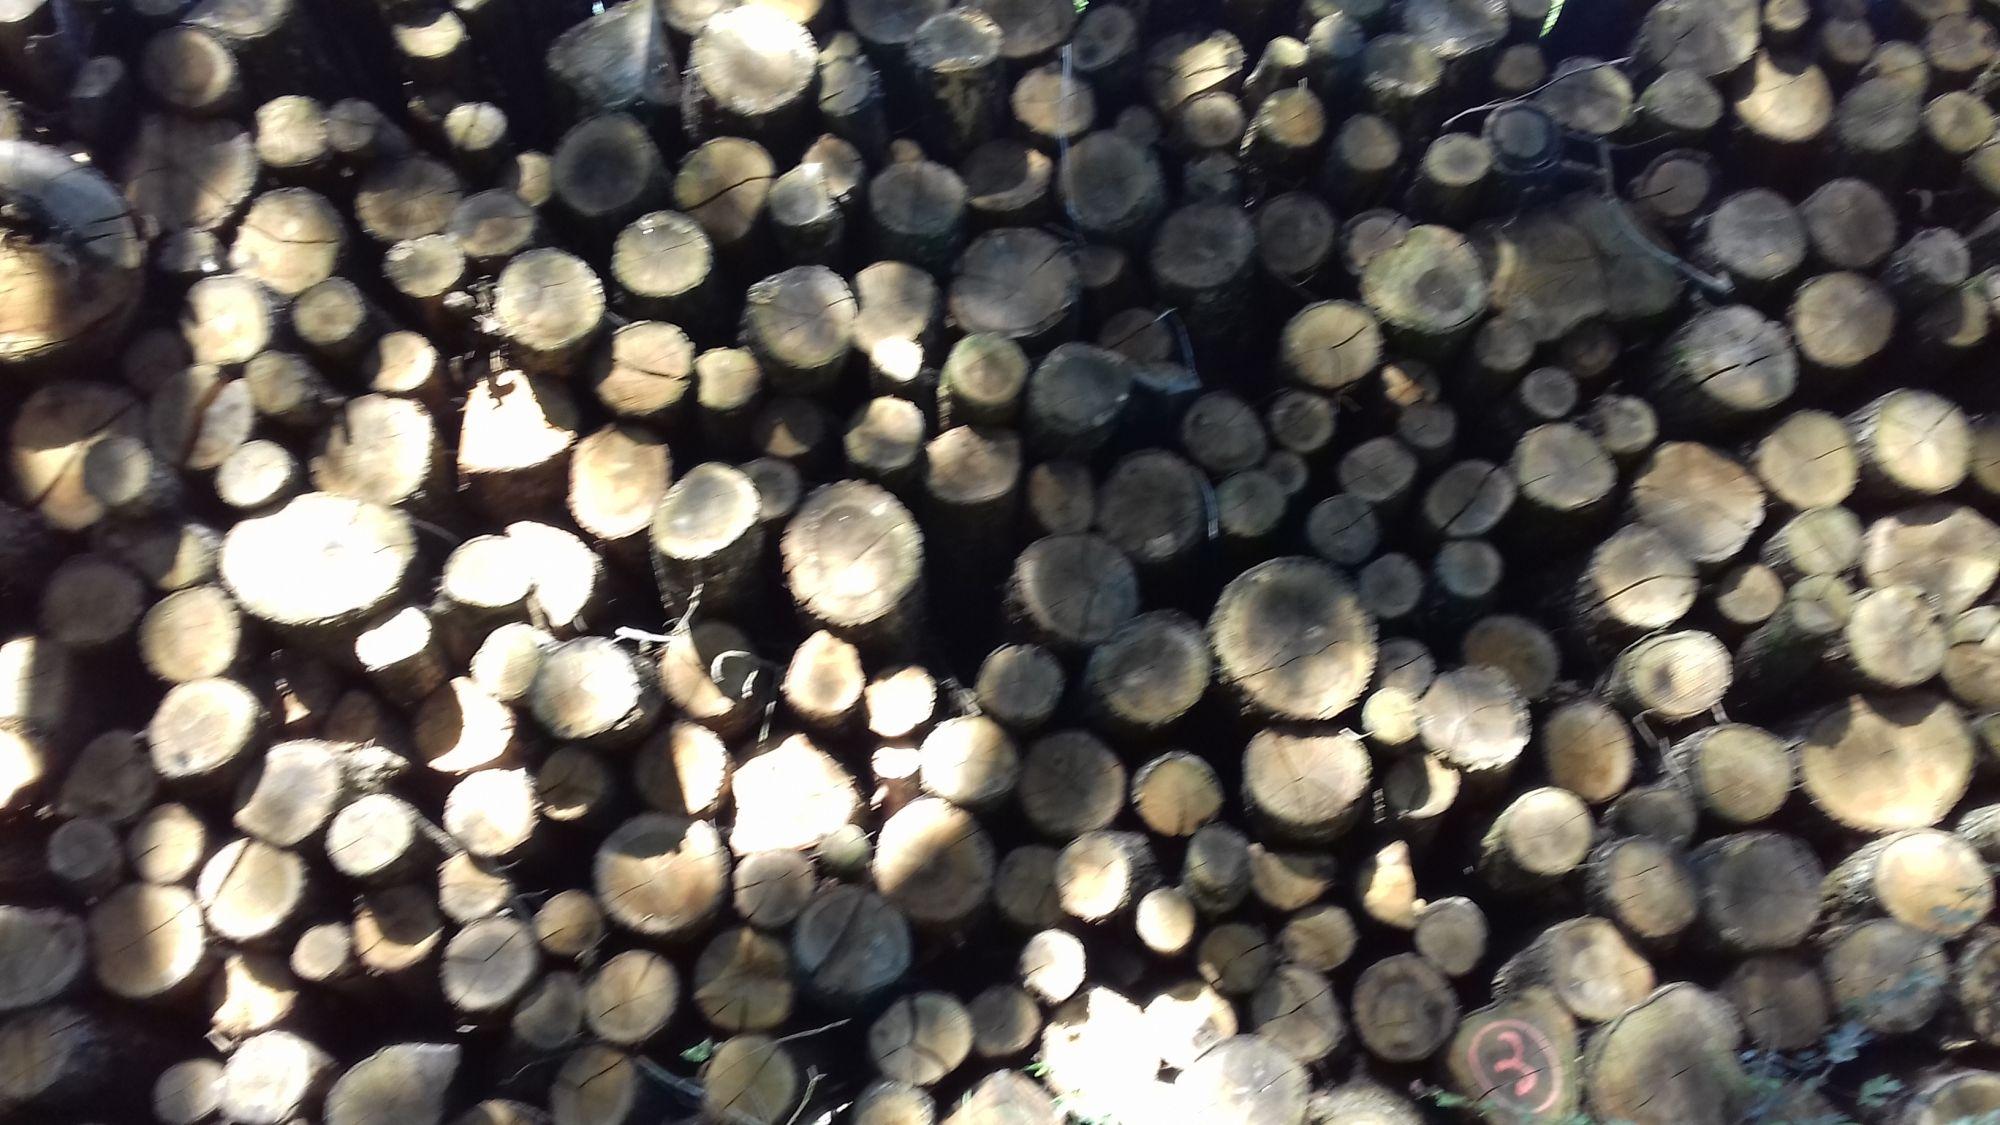 bois de chauffage 11site internet pour revendeur de combustible bois dans l'Aude